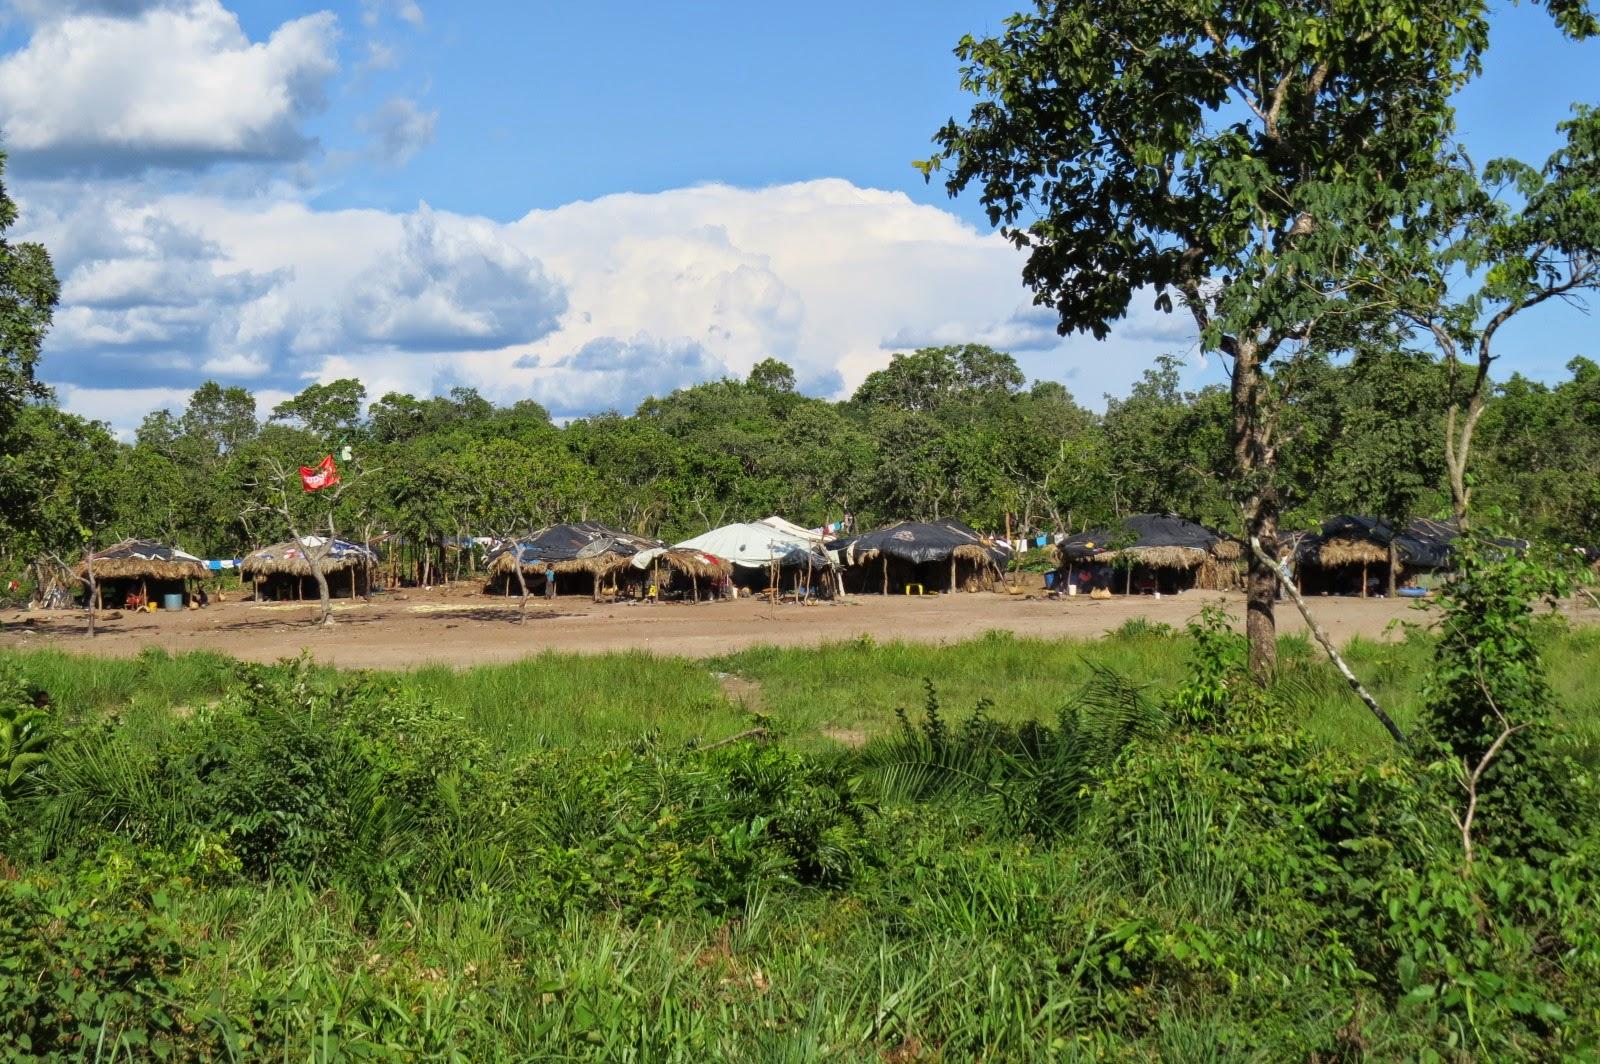 Município de Água Boa terá mais uma aldeia indígena; 80 índios já estão acampados esperando a prefeitura abrir a estrada